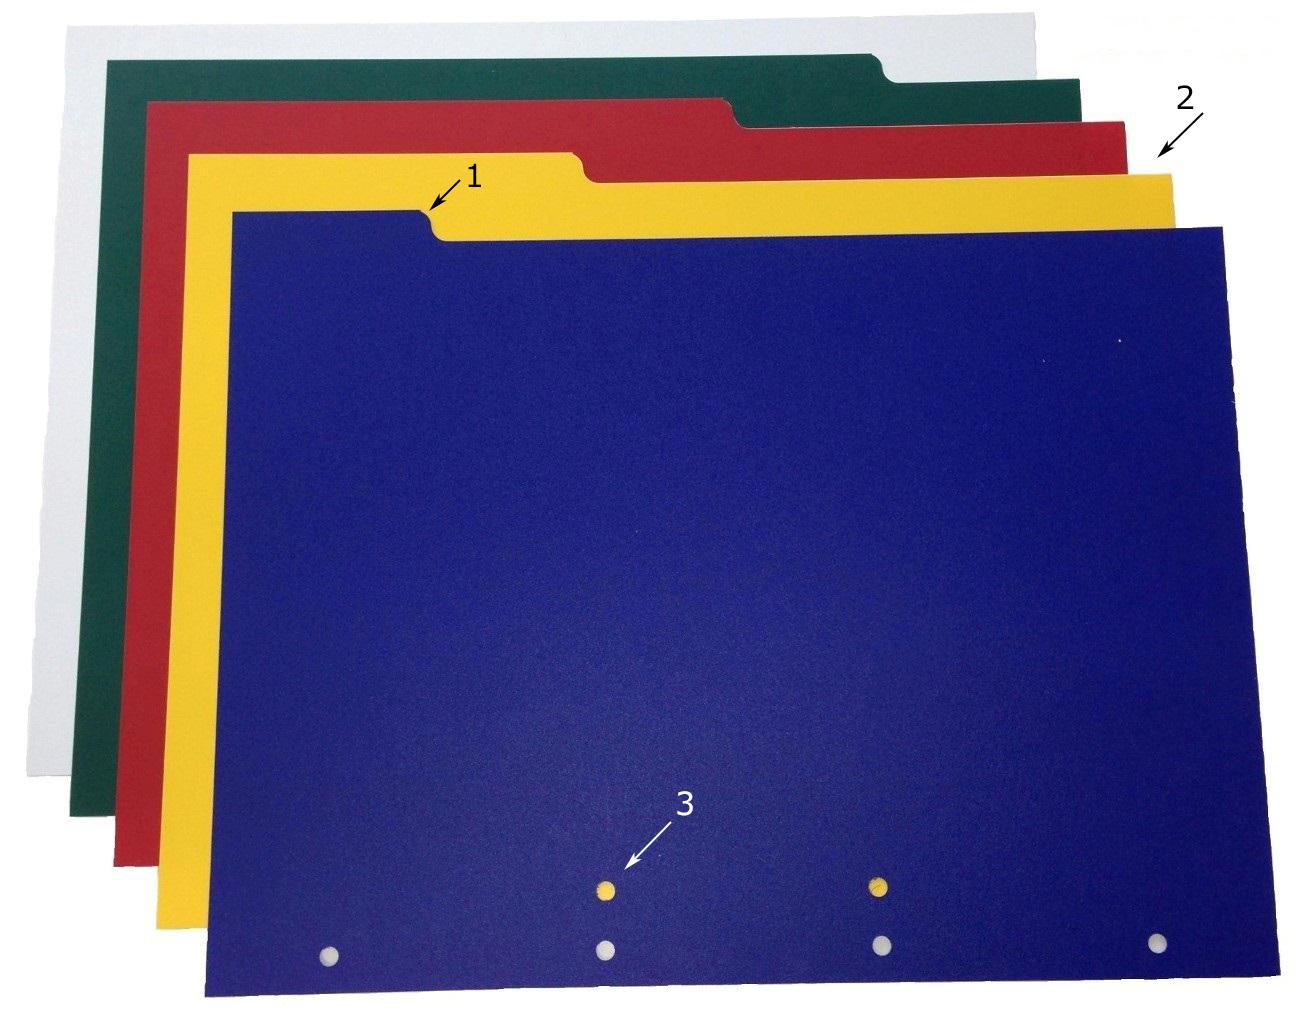 01-Register-Kunststoff-farbig